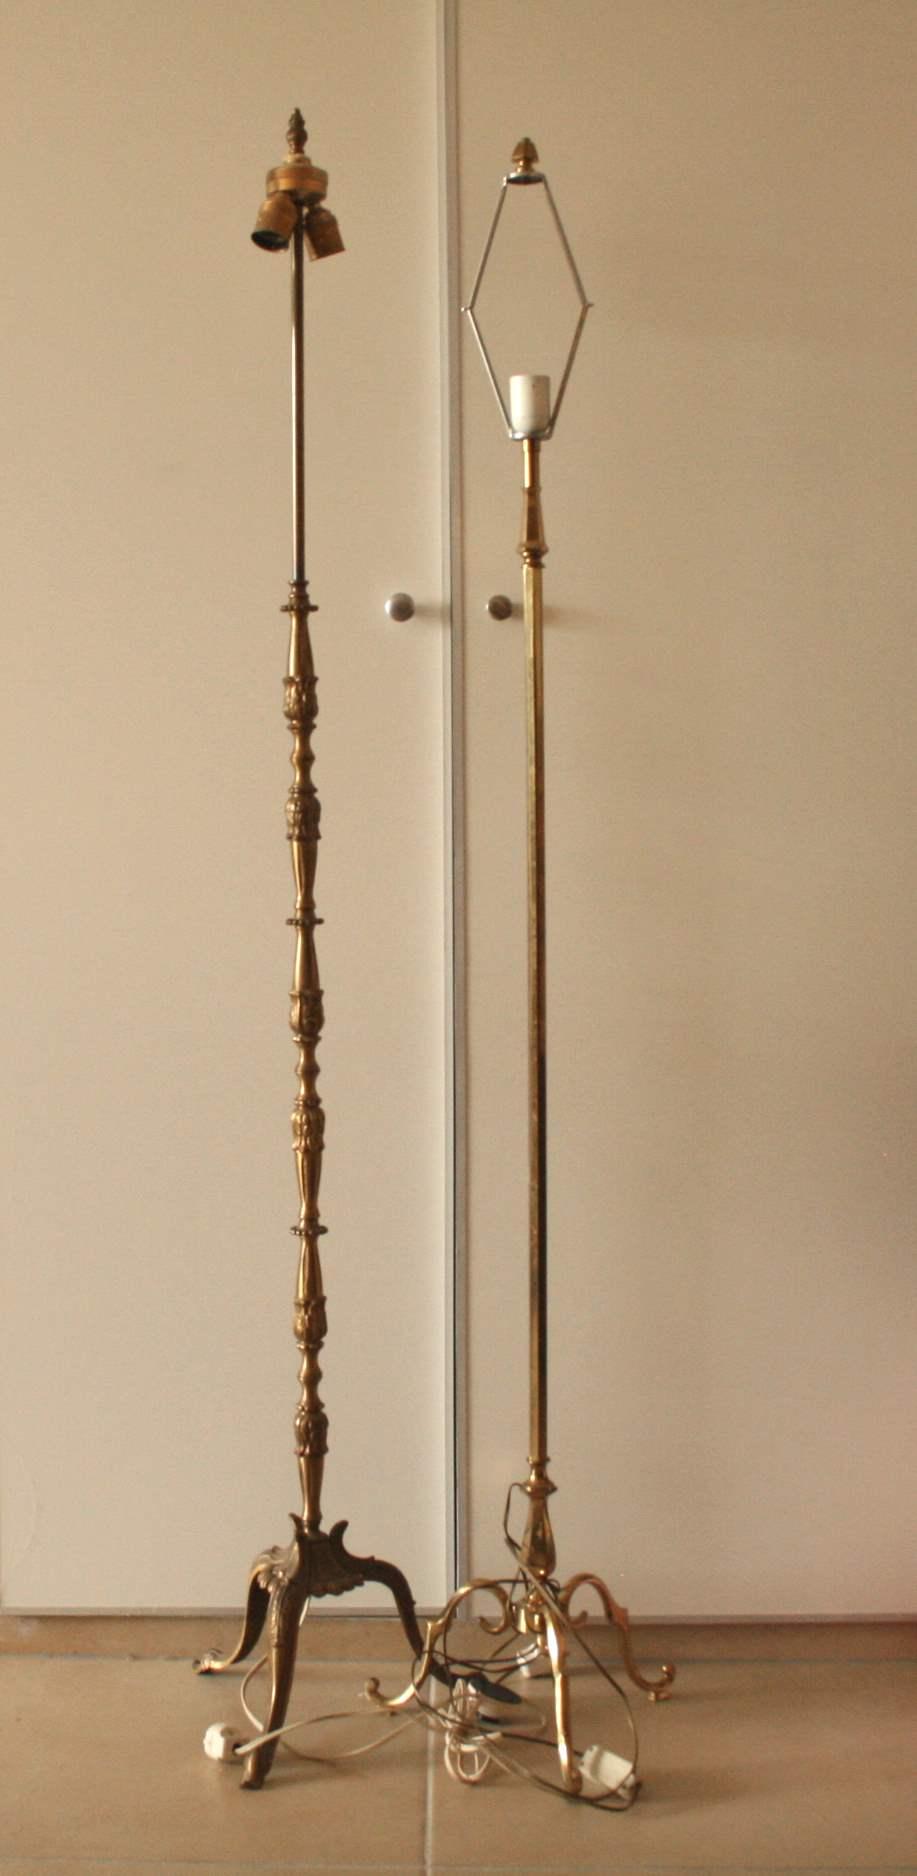 Lot 232 - Ensemble de 2 lampadaires tripodes, l'un en bronze sculpté à 2 feux (hauteur : 170 [...]